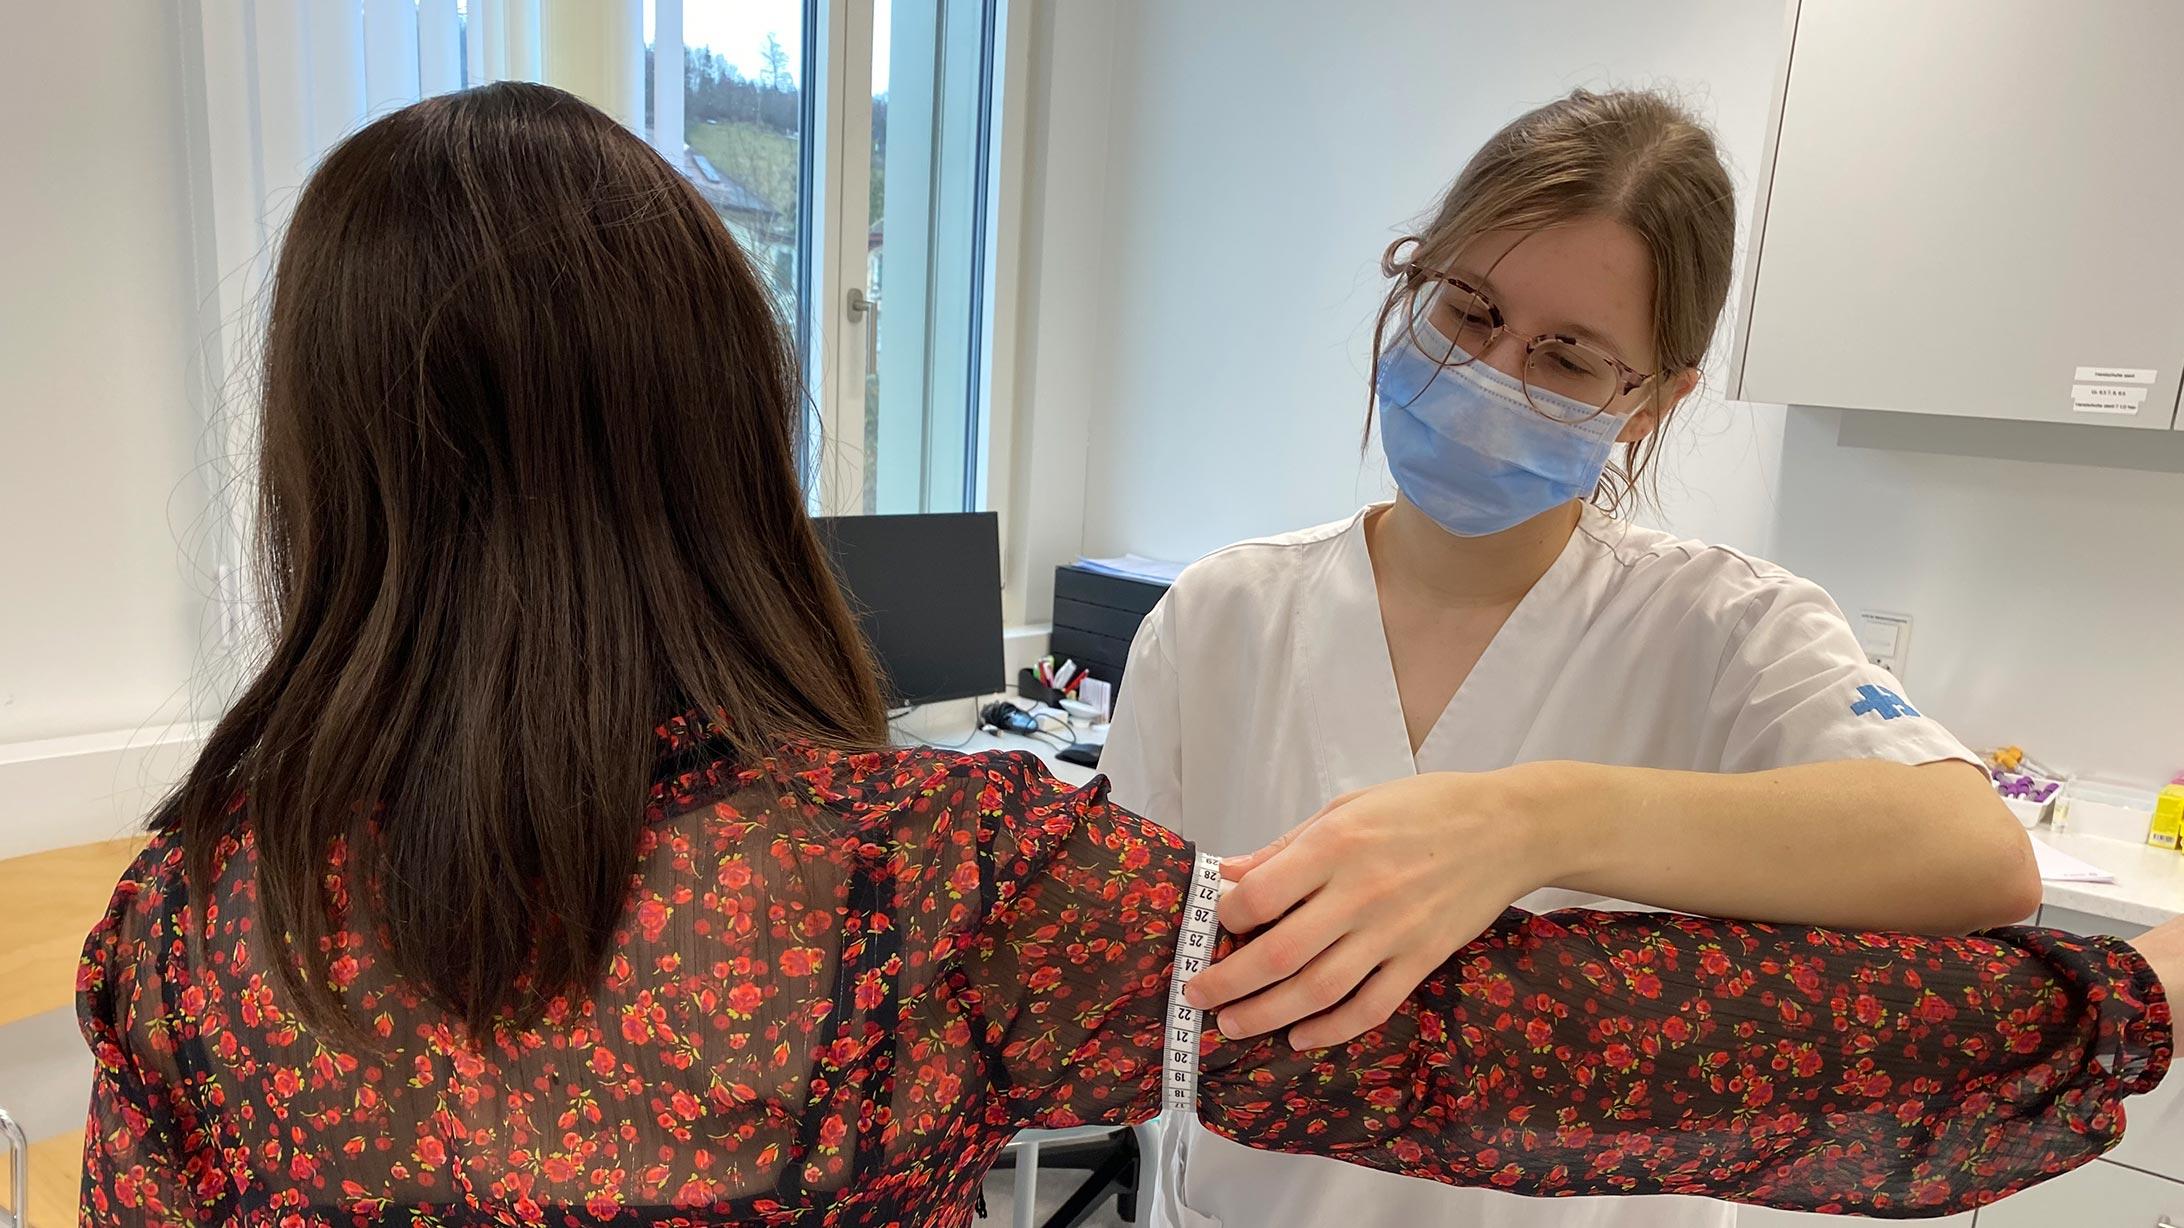 Eine Ärztin misst den Umfang des Oberarmes der Patientin.